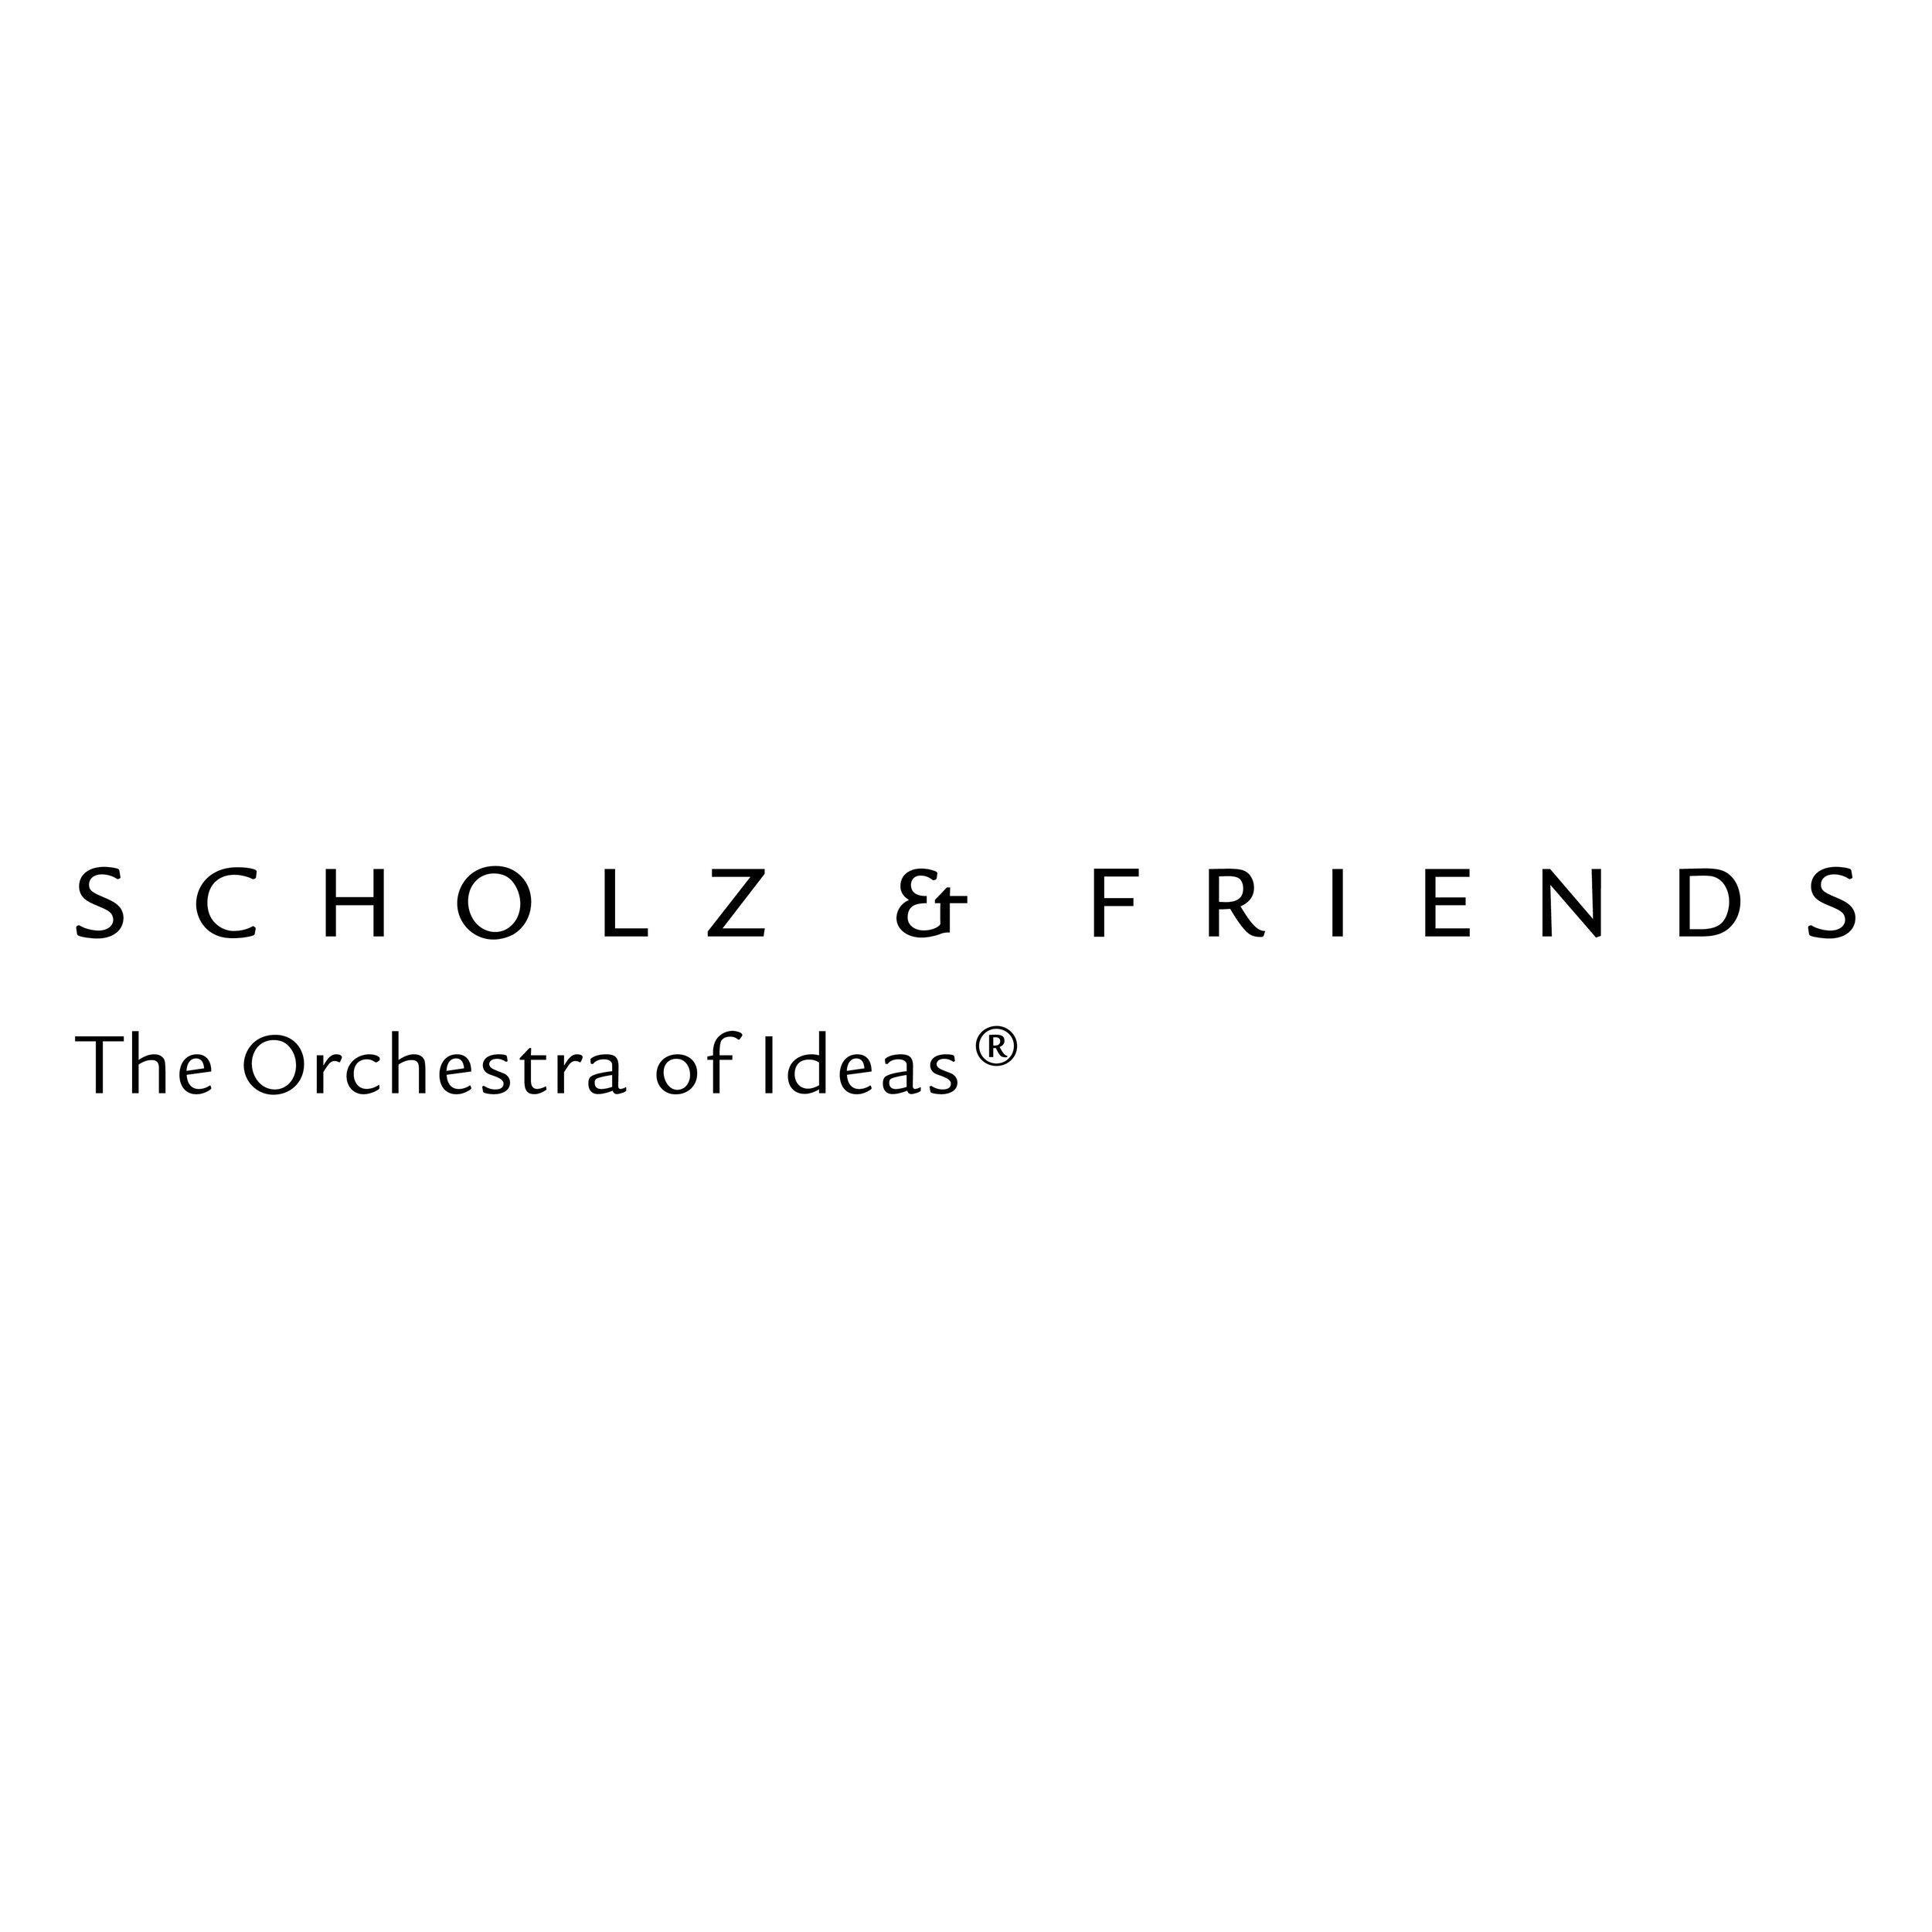 Scholz&Friends.jpg